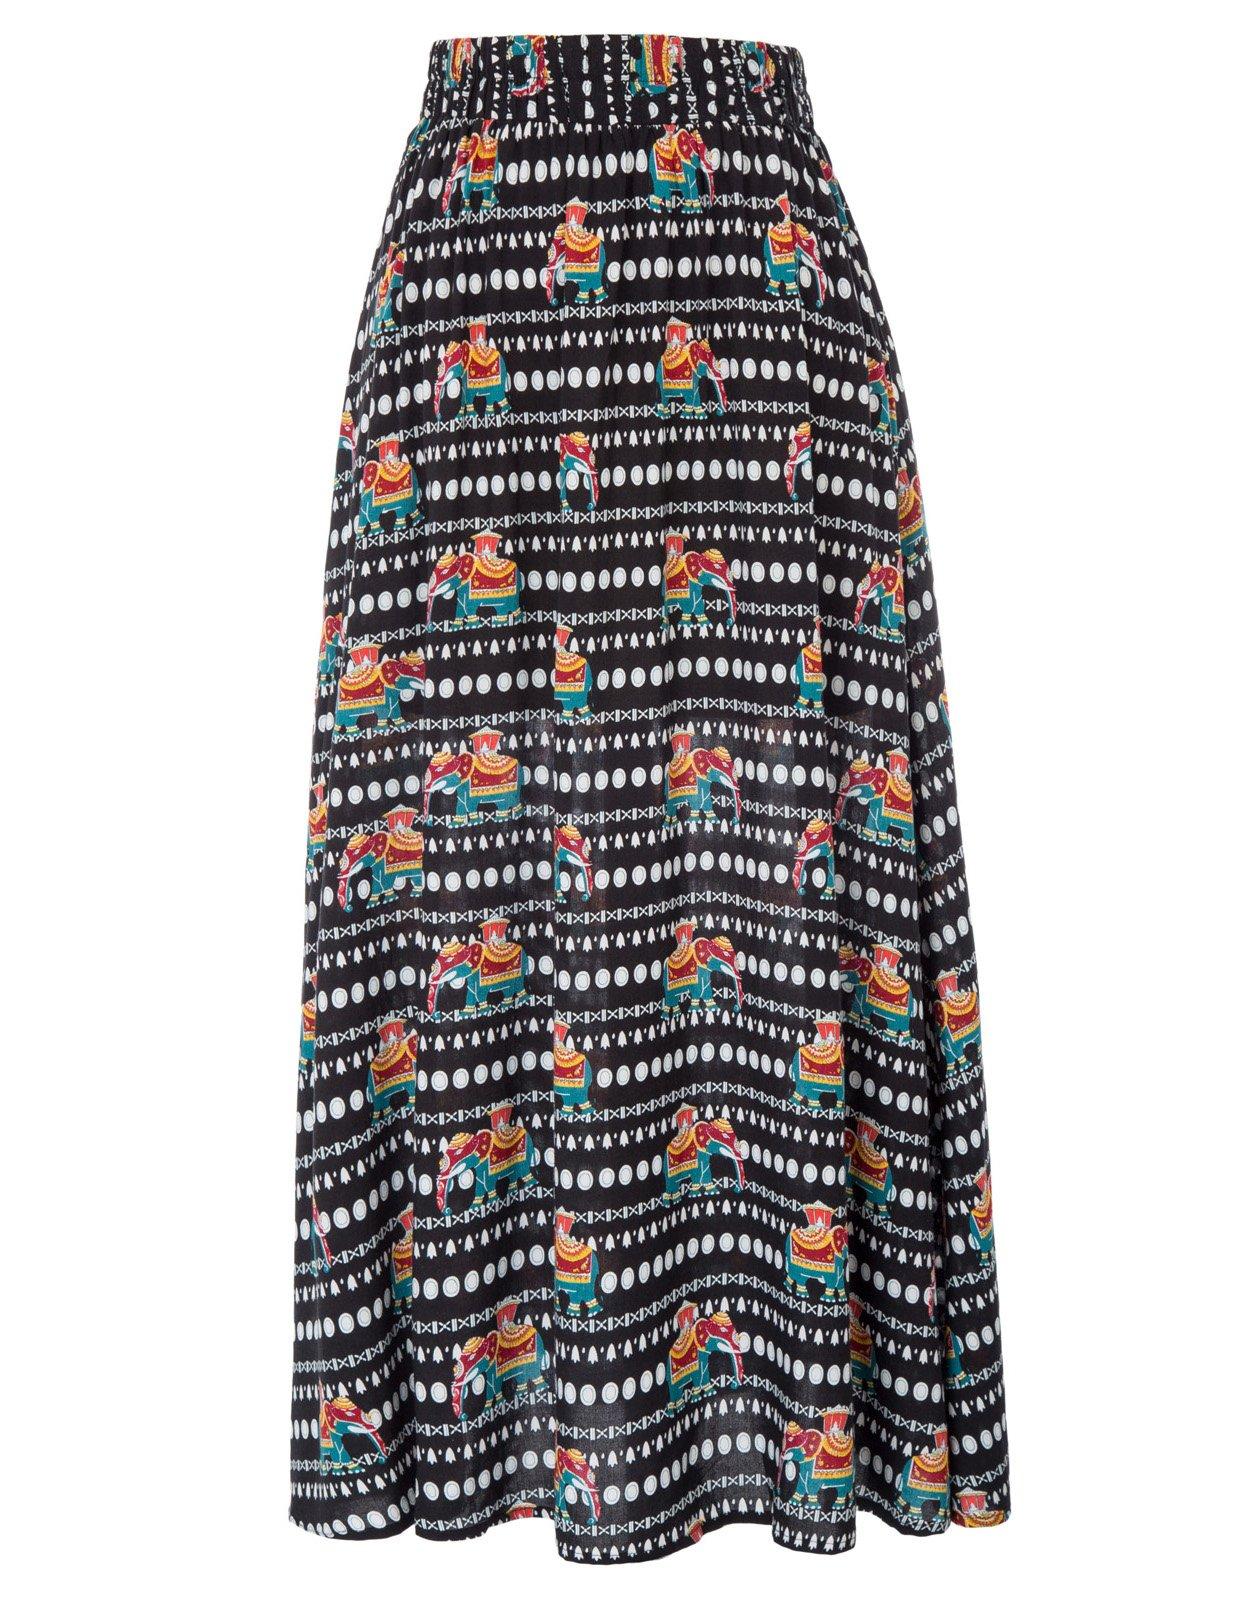 Vibrant Pattern Kate Kasin Women's African Maxi Skirt for Holiday L KK919-1